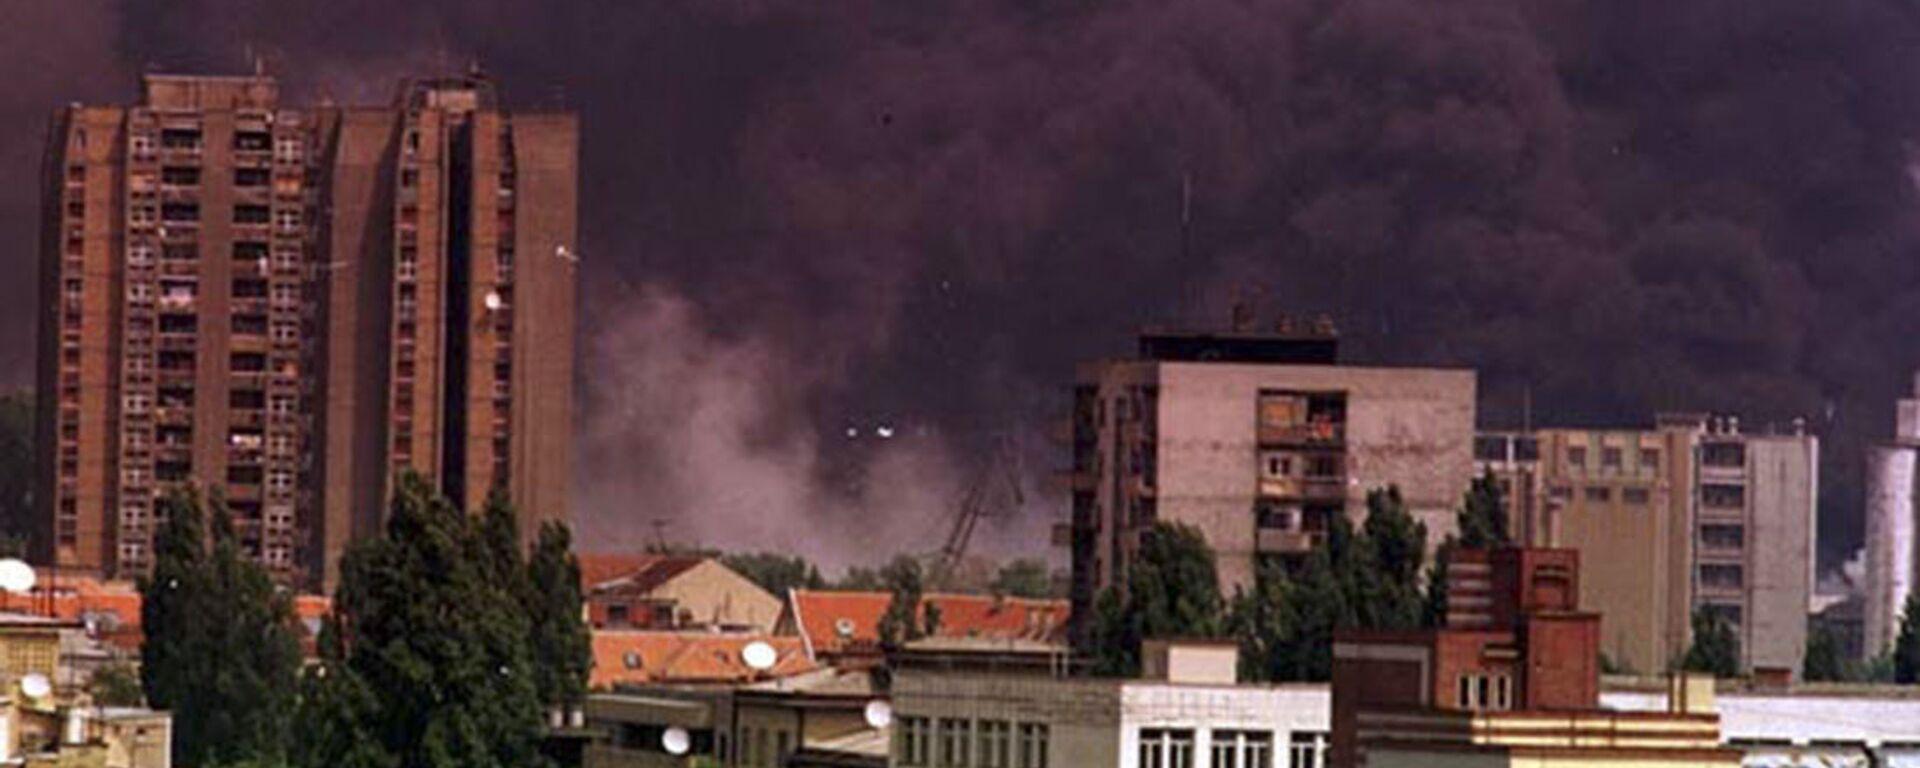 Město Novi Sad za bombardování NATO - Sputnik Česká republika, 1920, 18.05.2021